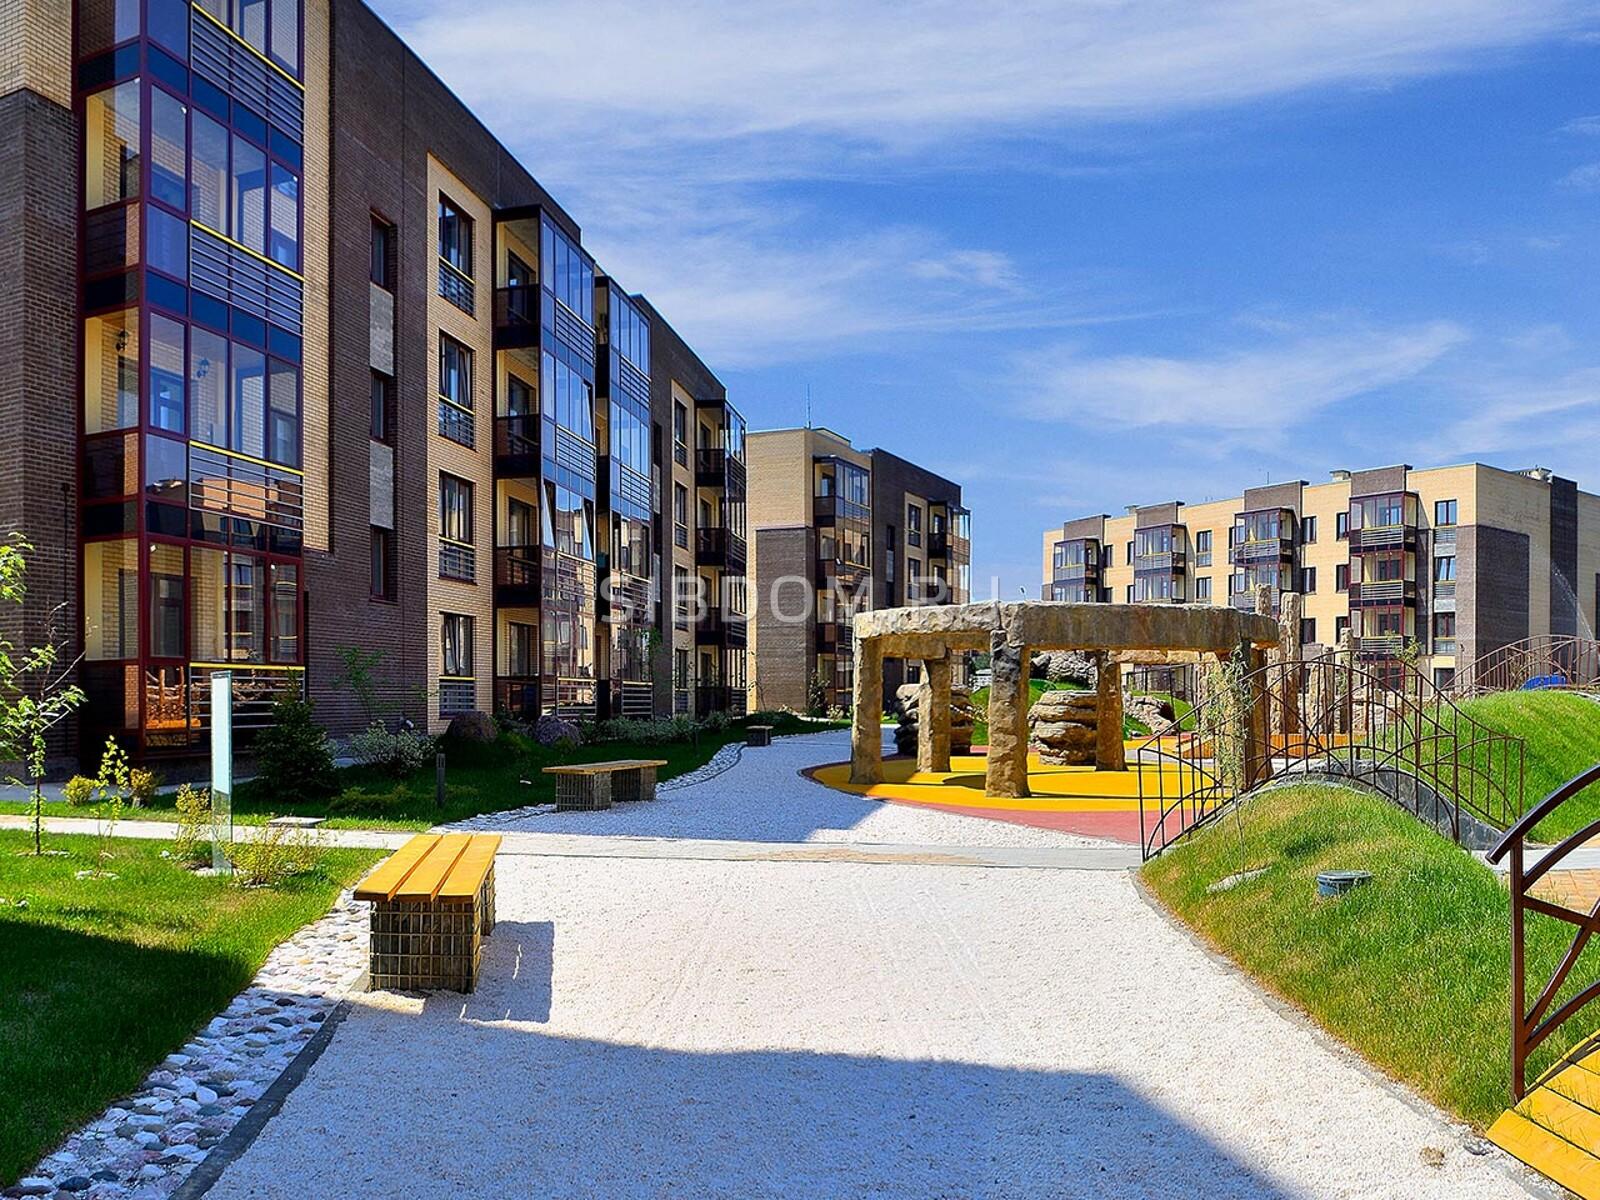 Квартира в баварии цены апартаменты в дубае купить